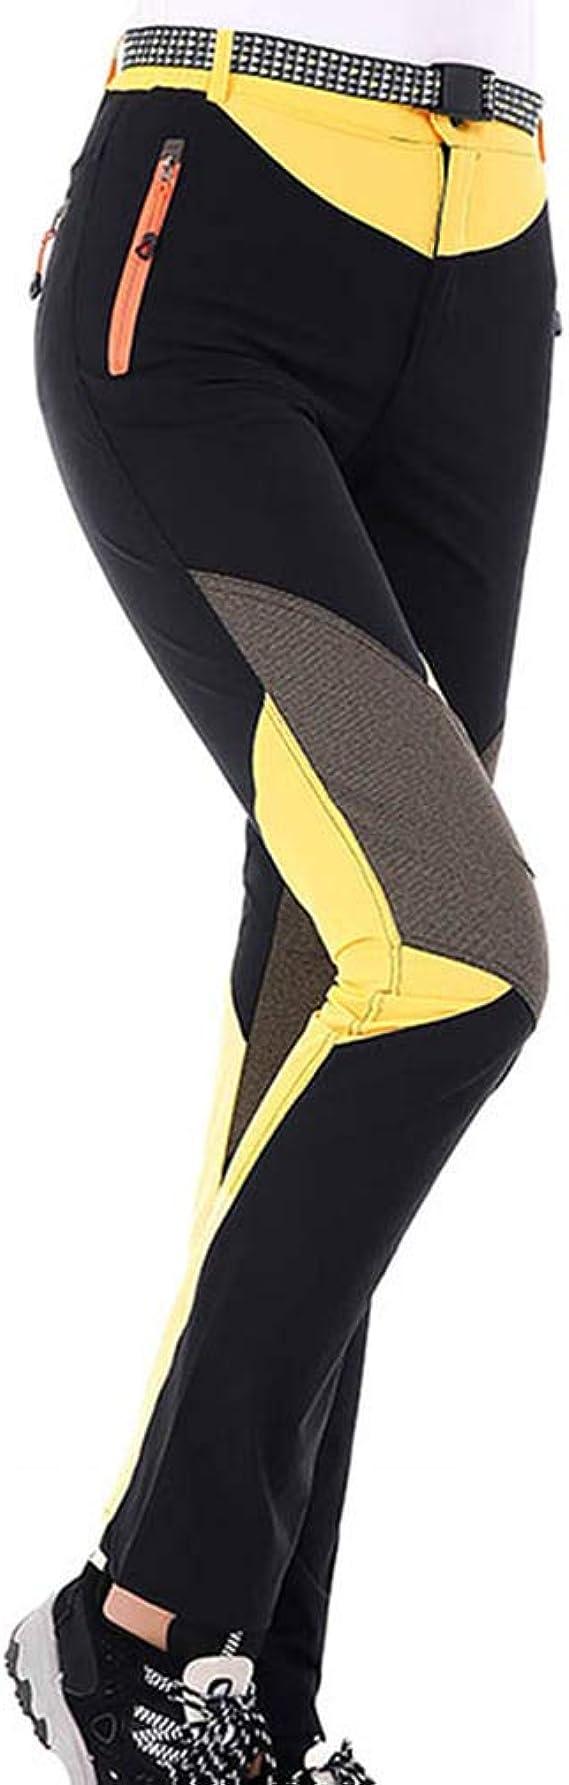 CIKRILAN Pantalones deportivos para mujer, de secado rápido ...